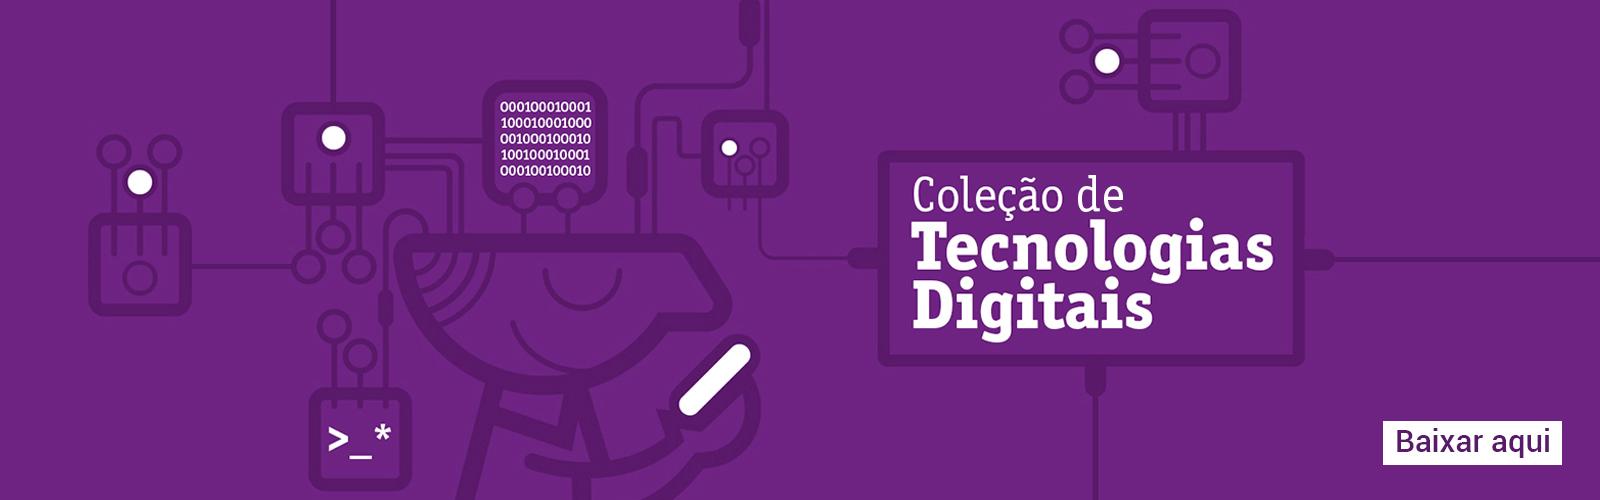 Imagem que representa a Coleção de Tecnologias Digitais é uma ilustração que traz um boneco sorrindo e segurando um giz na mão, em meio a ele há desenhos de elementos de circuitos eletrônicos.